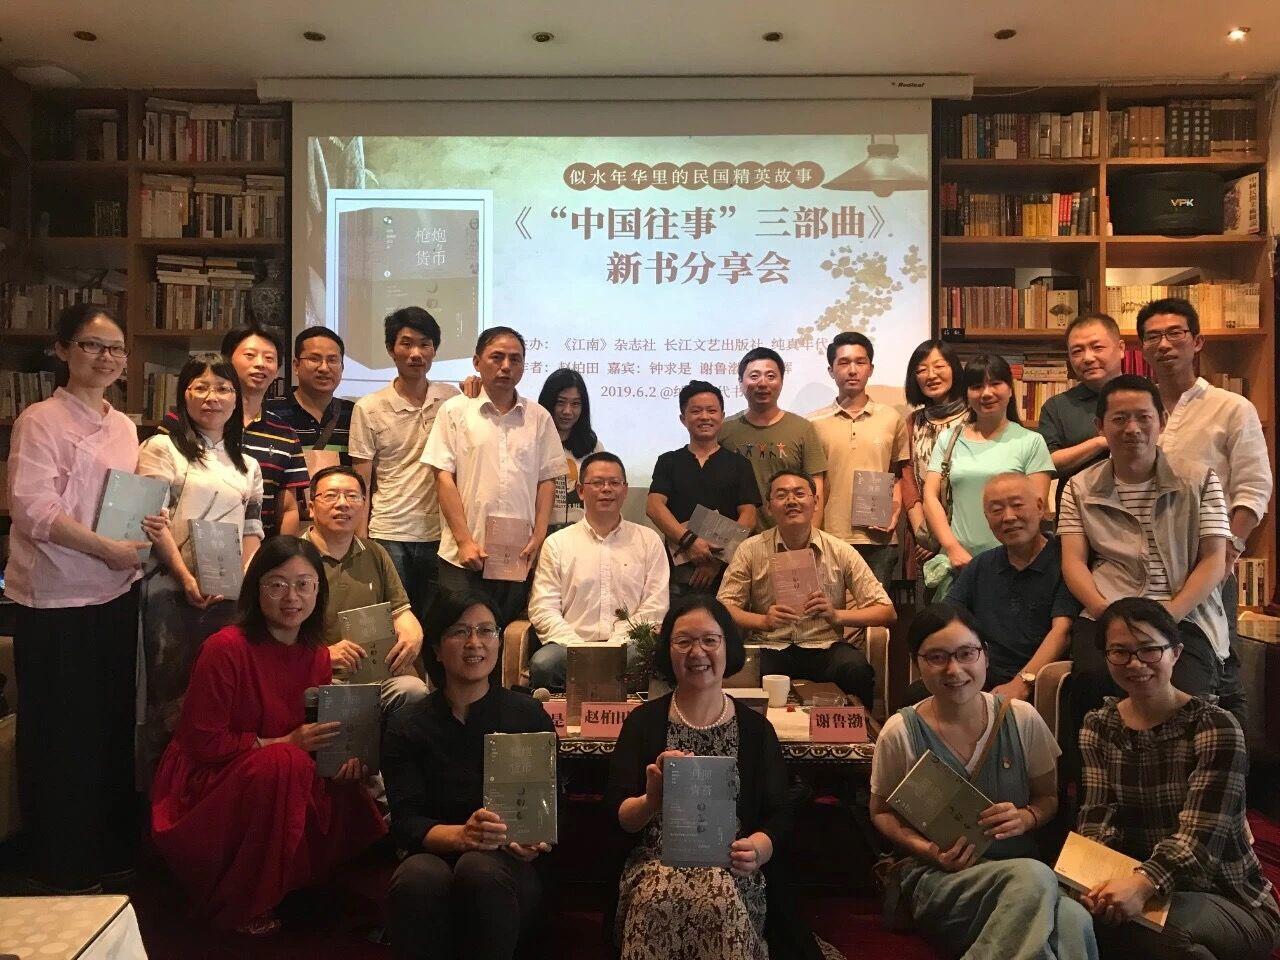 赵柏田新书分享会在杭举行